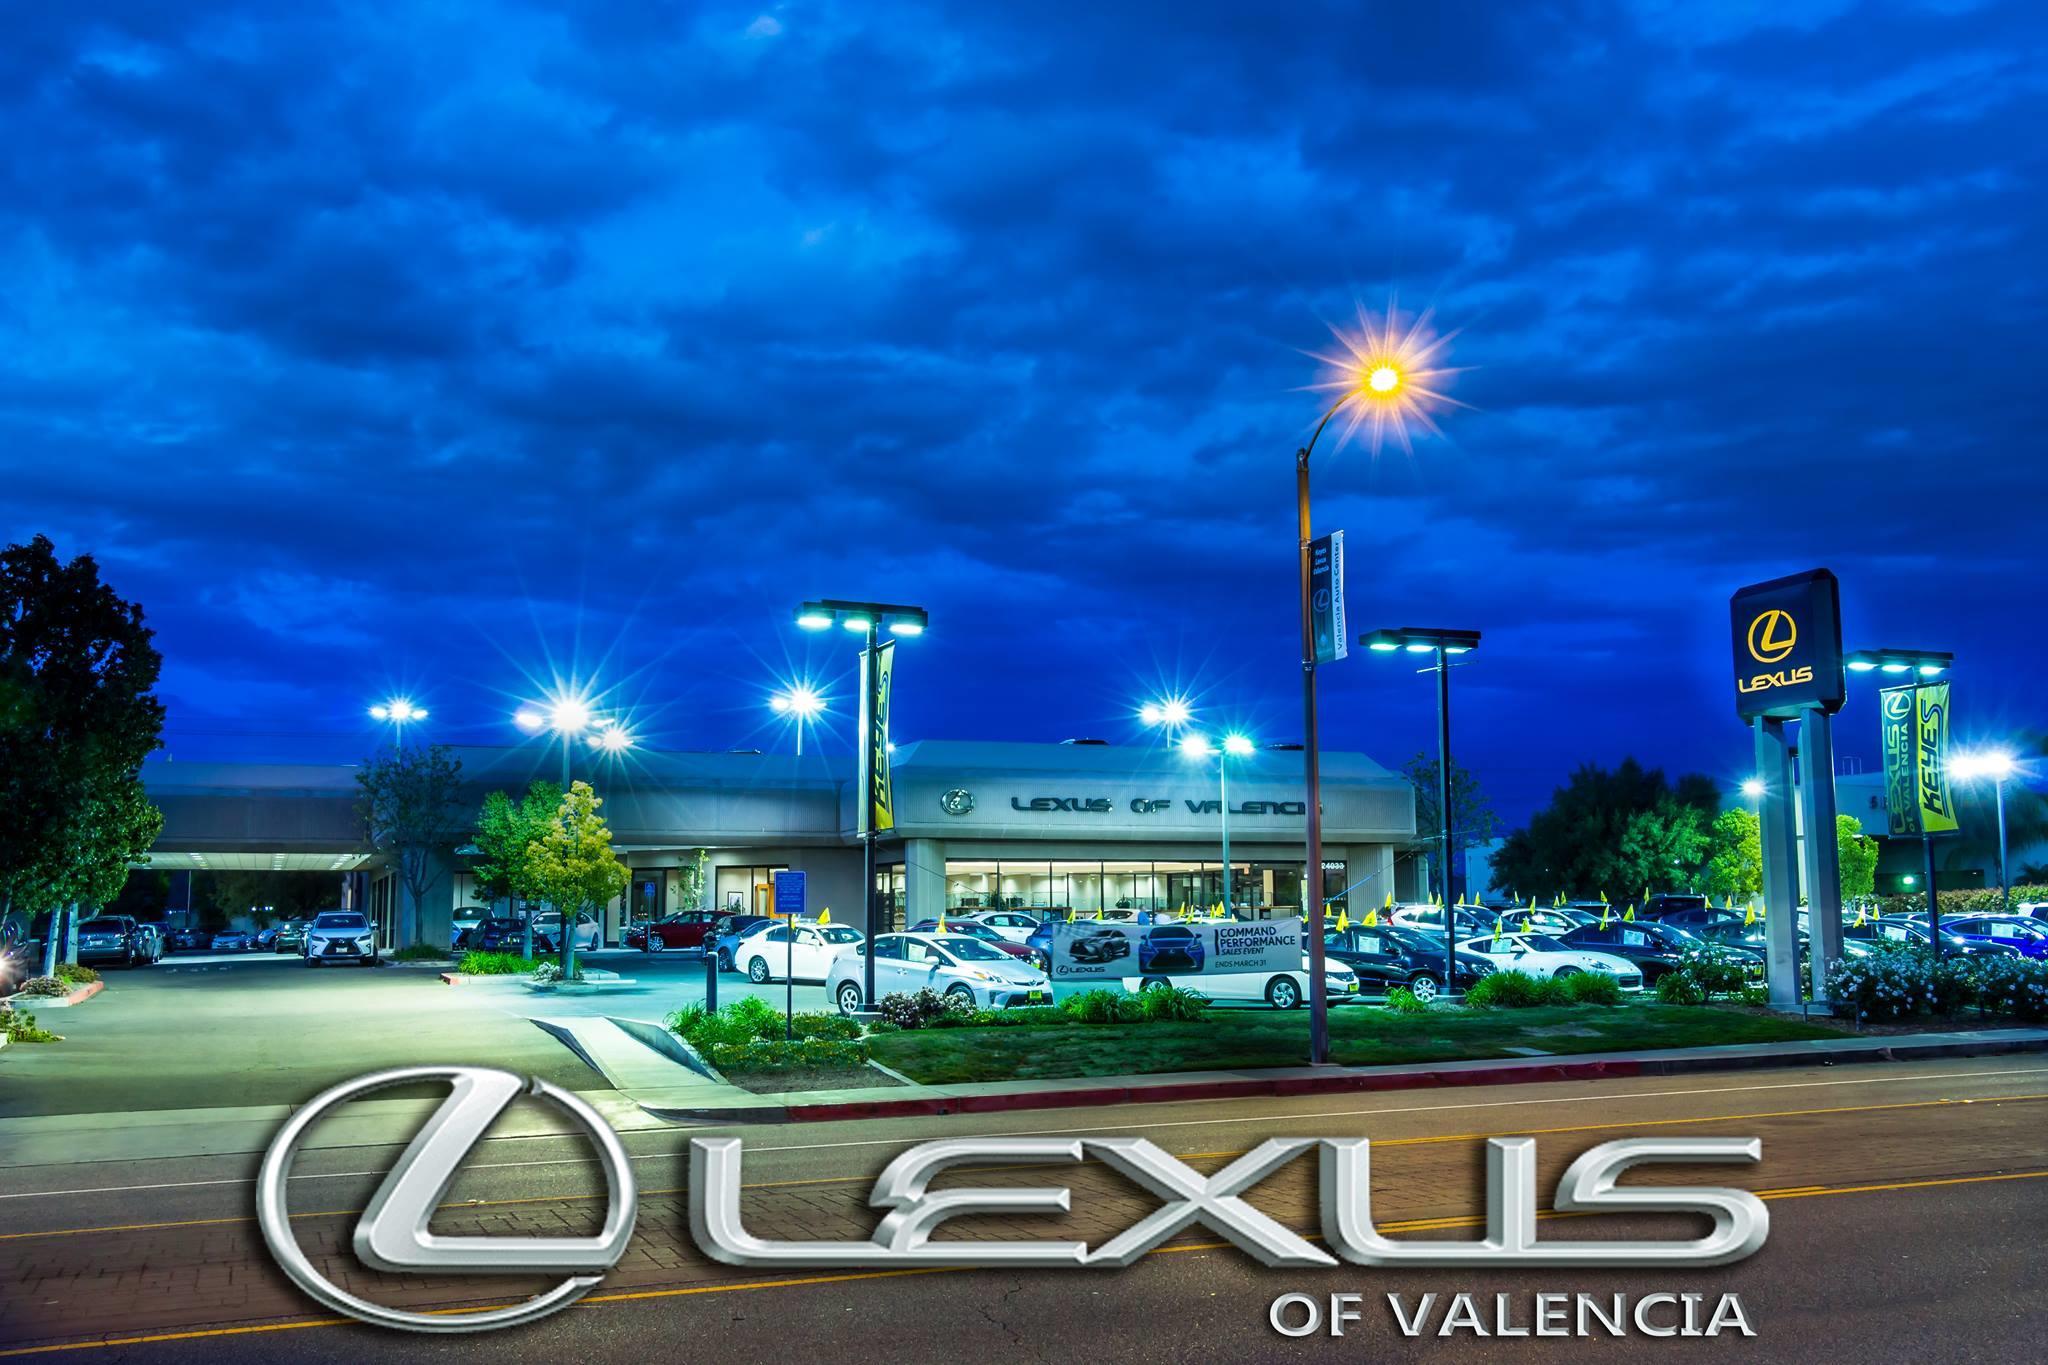 Los Angeles Lexus Service Coupons >> Keyes Lexus of Valencia Coupons near me in Valencia | 8coupons